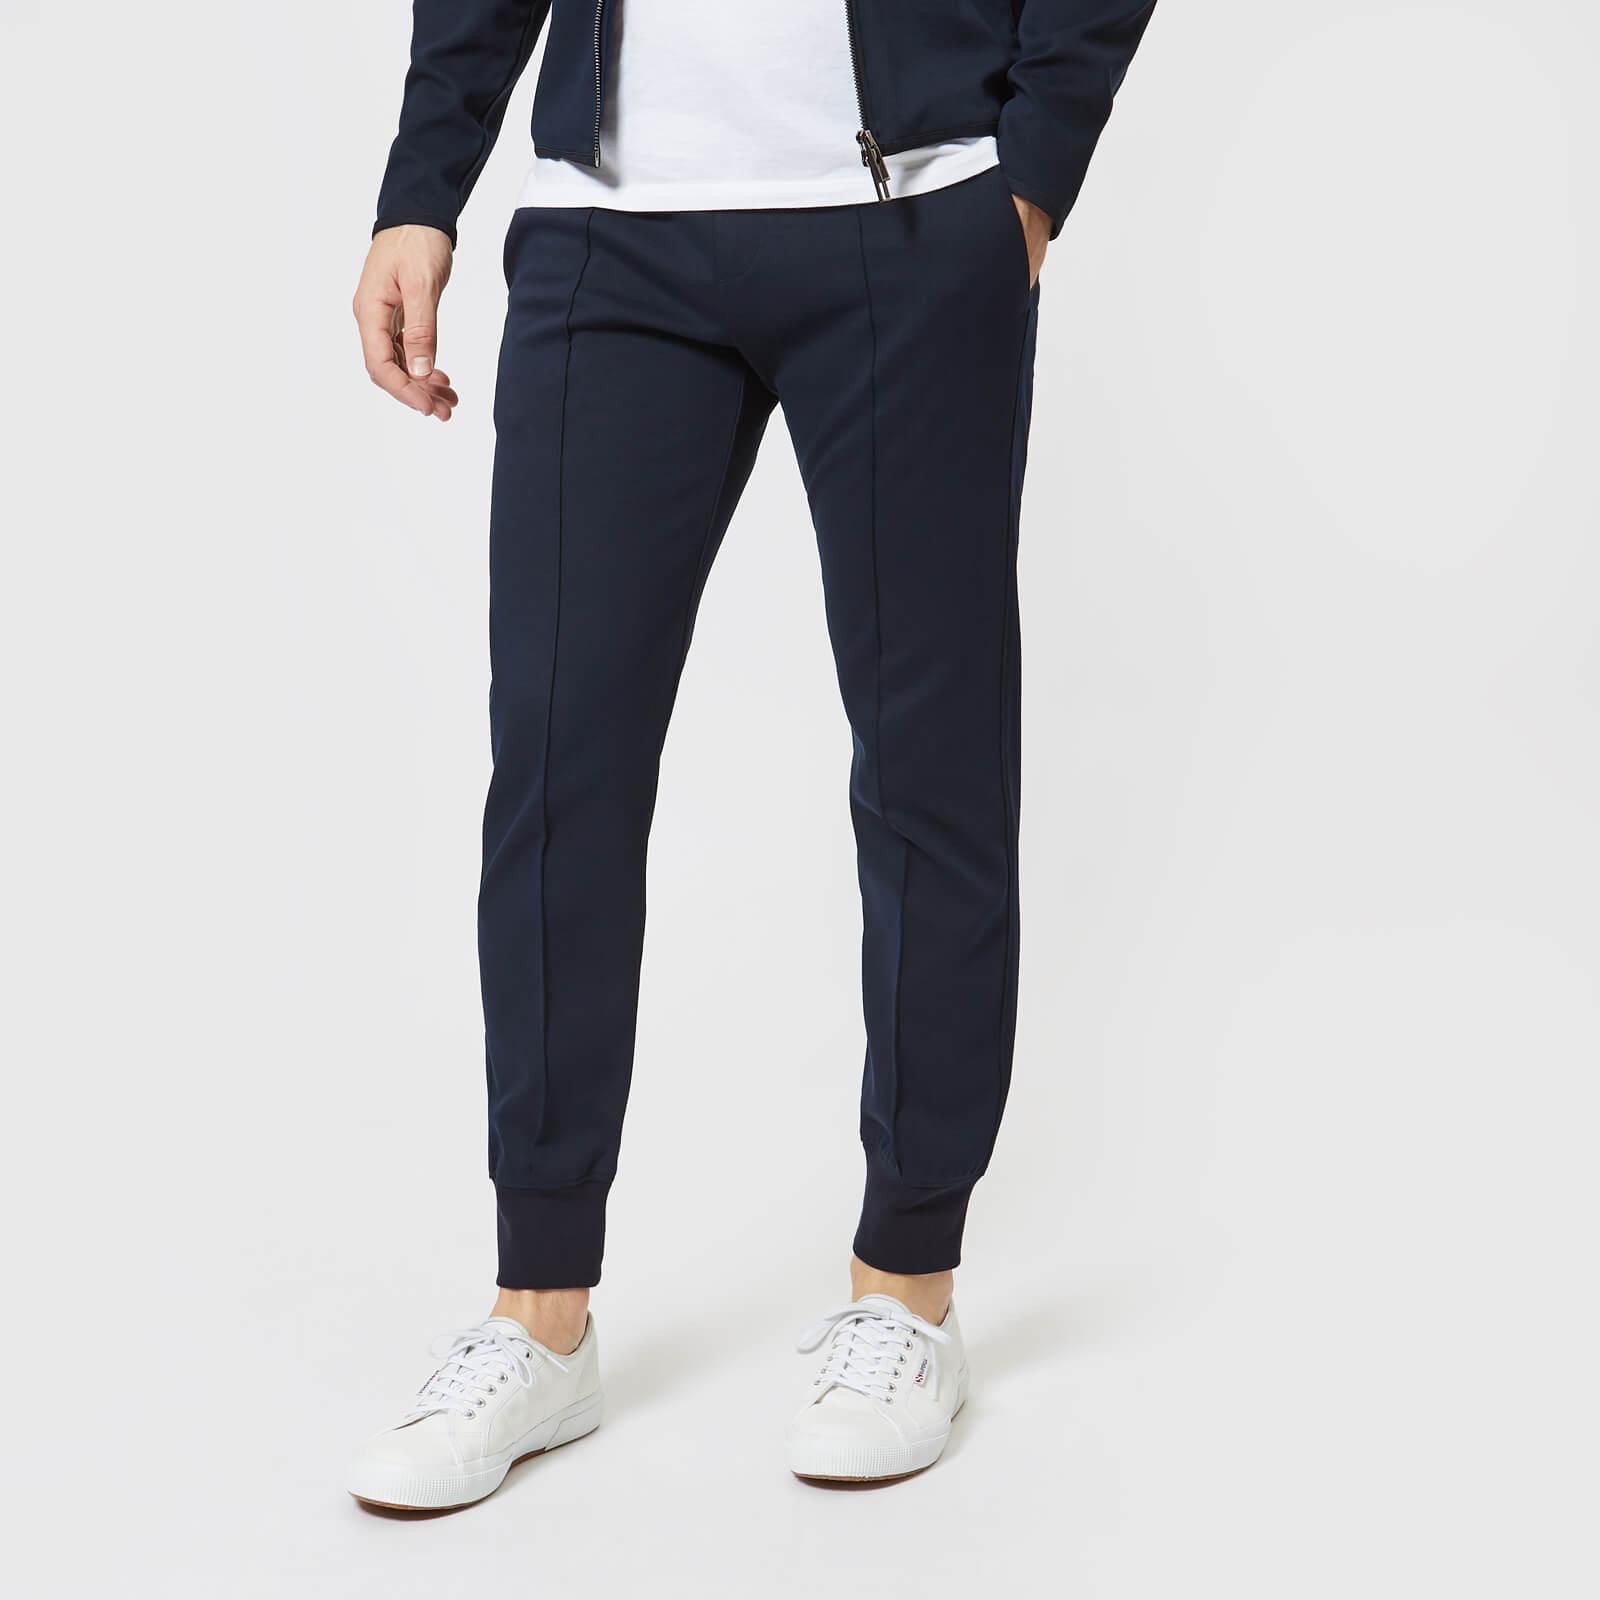 verkauf uk Shop für Beamte bester Wert Emporio Armani Men's Sports Jog Pants - Blue Navy